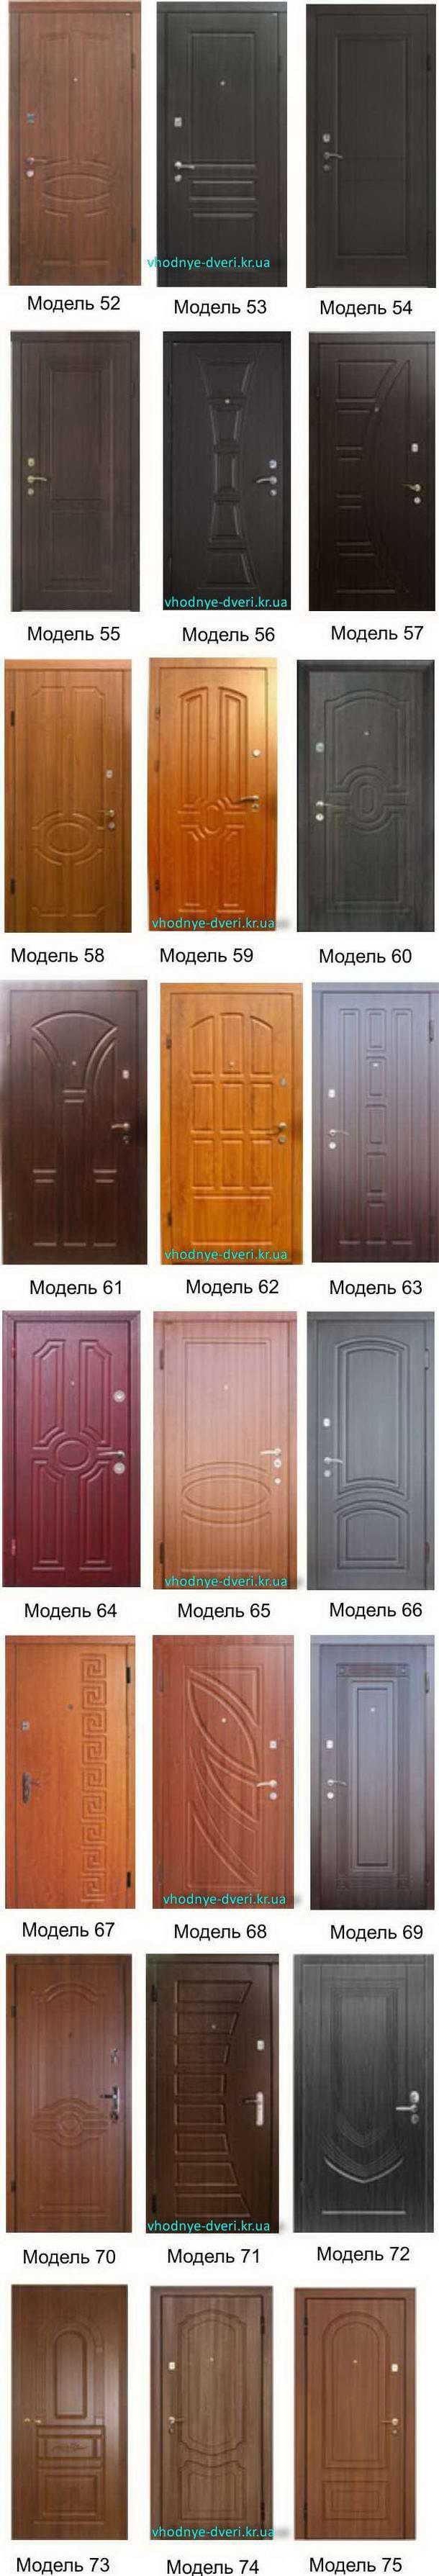 Фото накладок МДФ на входные двери ДверьПром модели 52-75